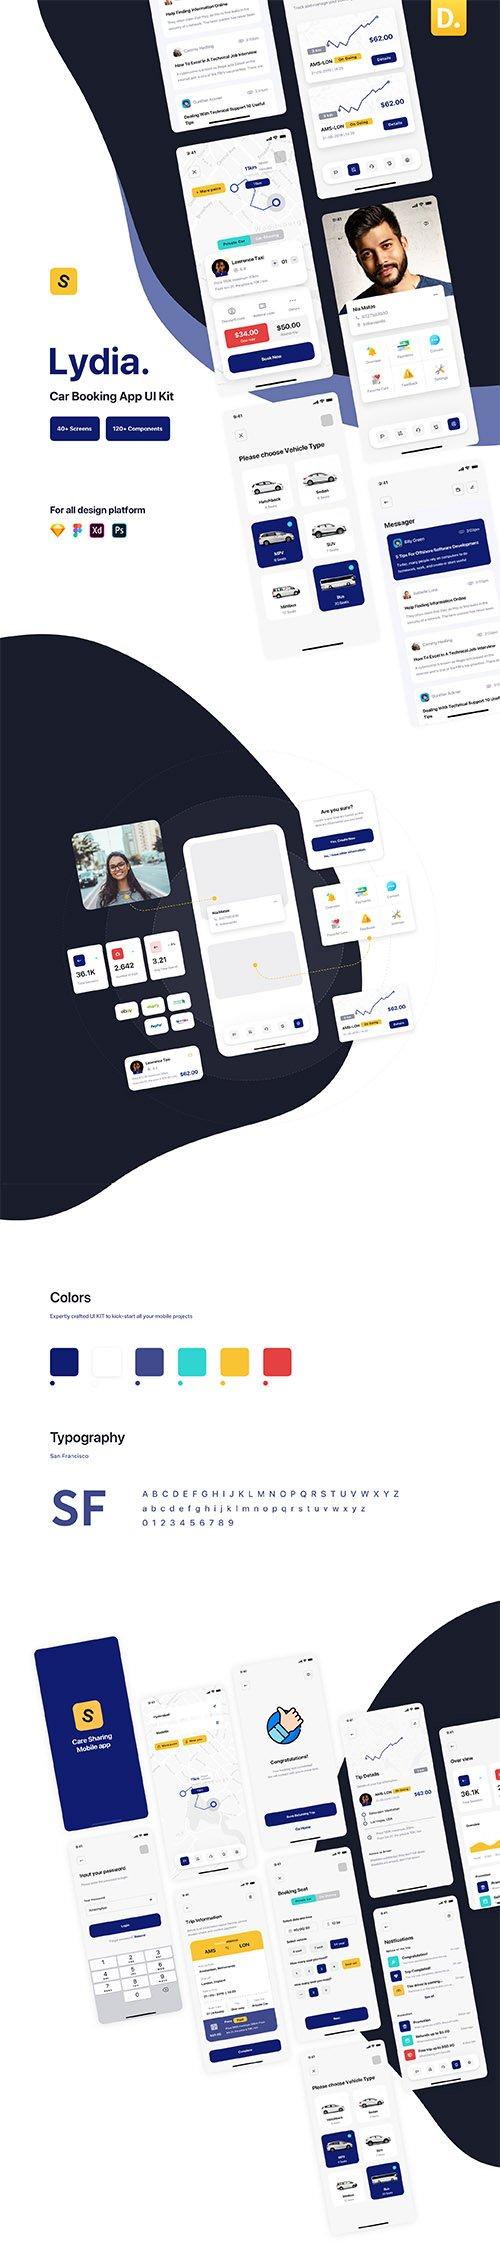 Lydia - Car Booking & Sharing Mobile App UI Kit